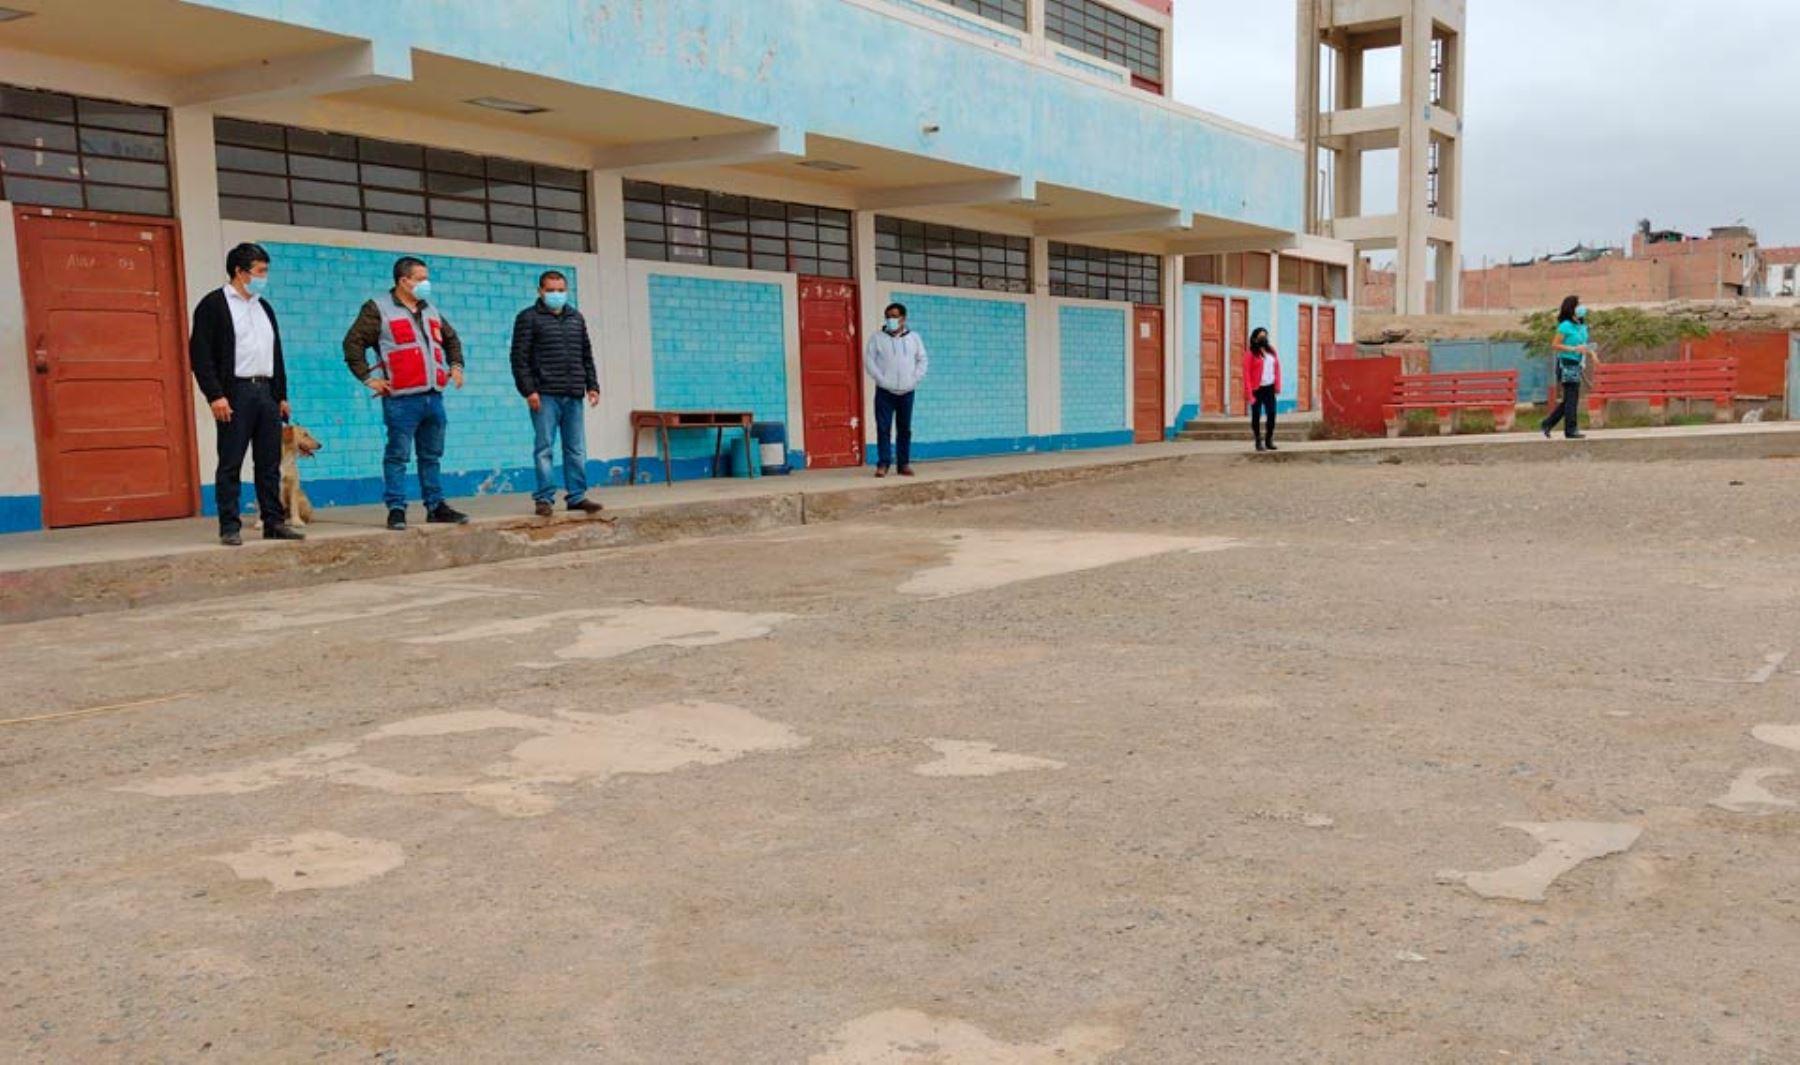 Región Lima hará mantenimiento y lozas deportivas en colegio Mercedes Indacochea de Huacho